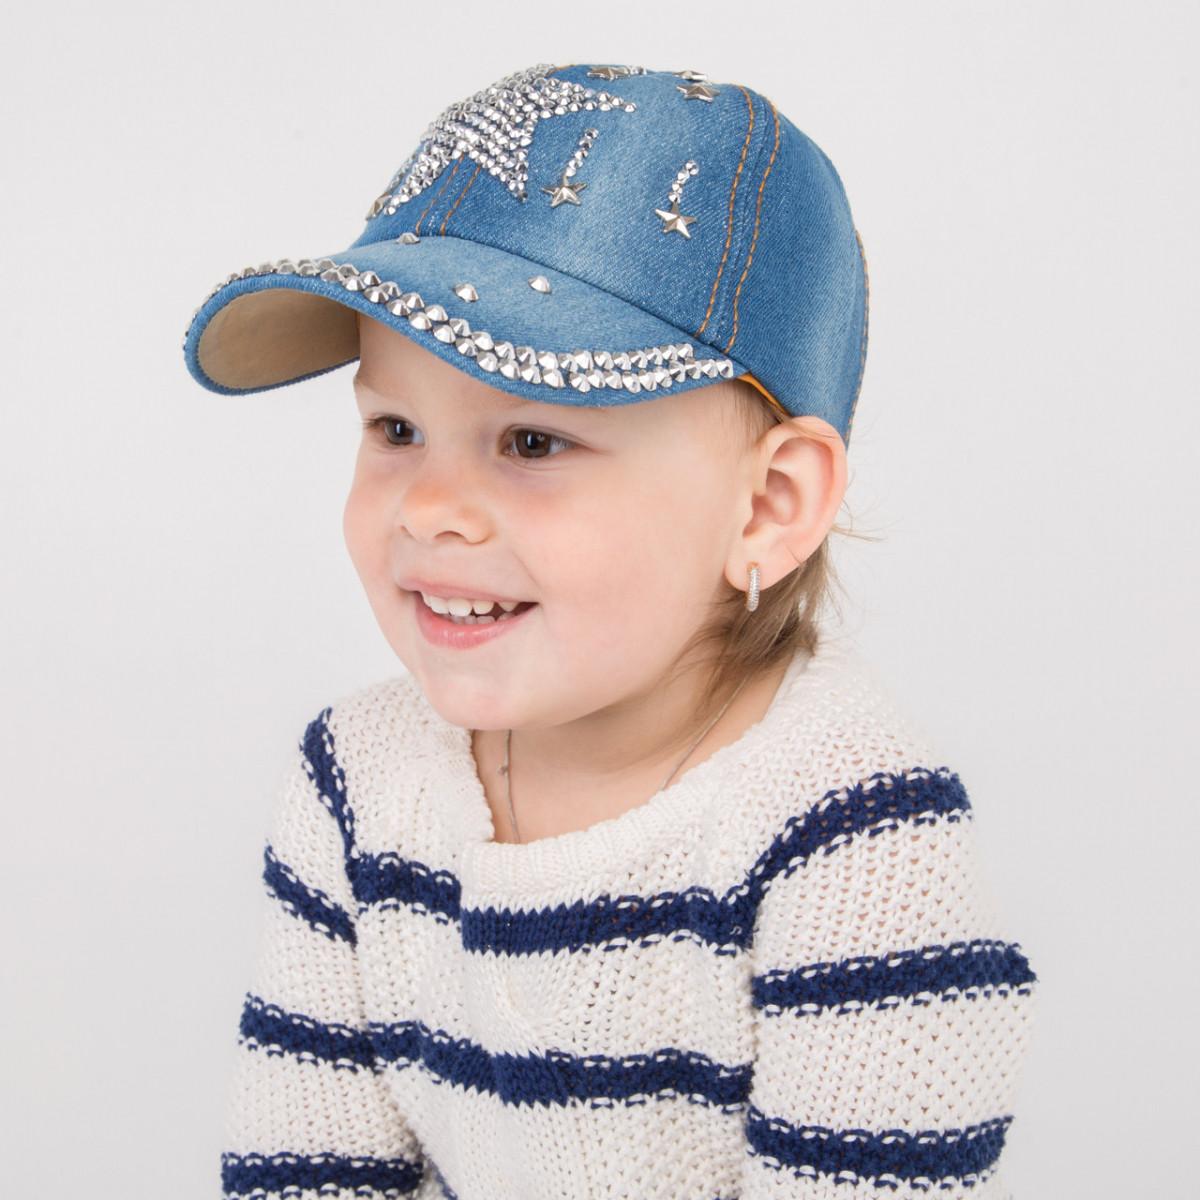 Модная джинсовая кепка для девочек оптом - 32018-22